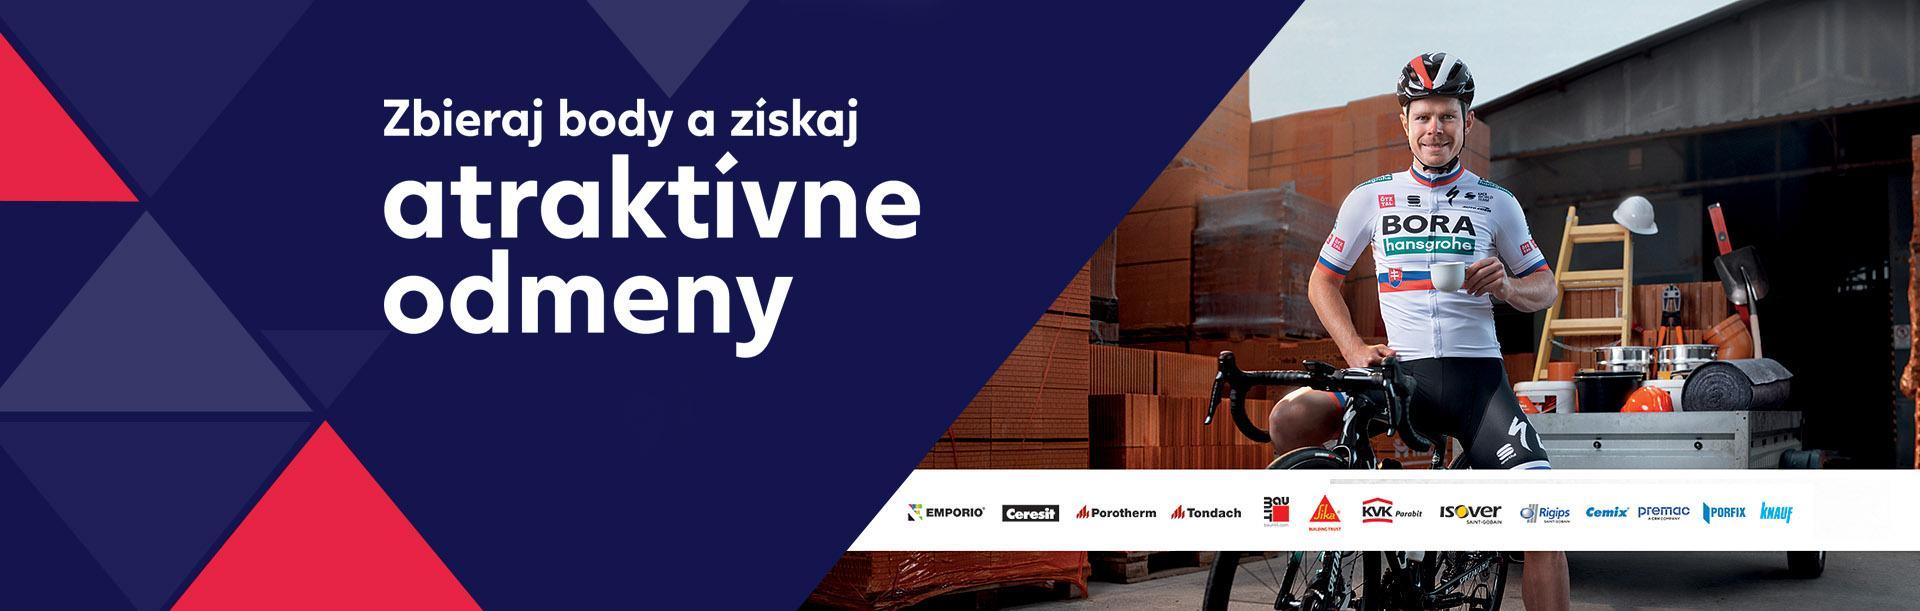 ibv - Slide web Nakupuj a uzivaj 2021 1 - Domov